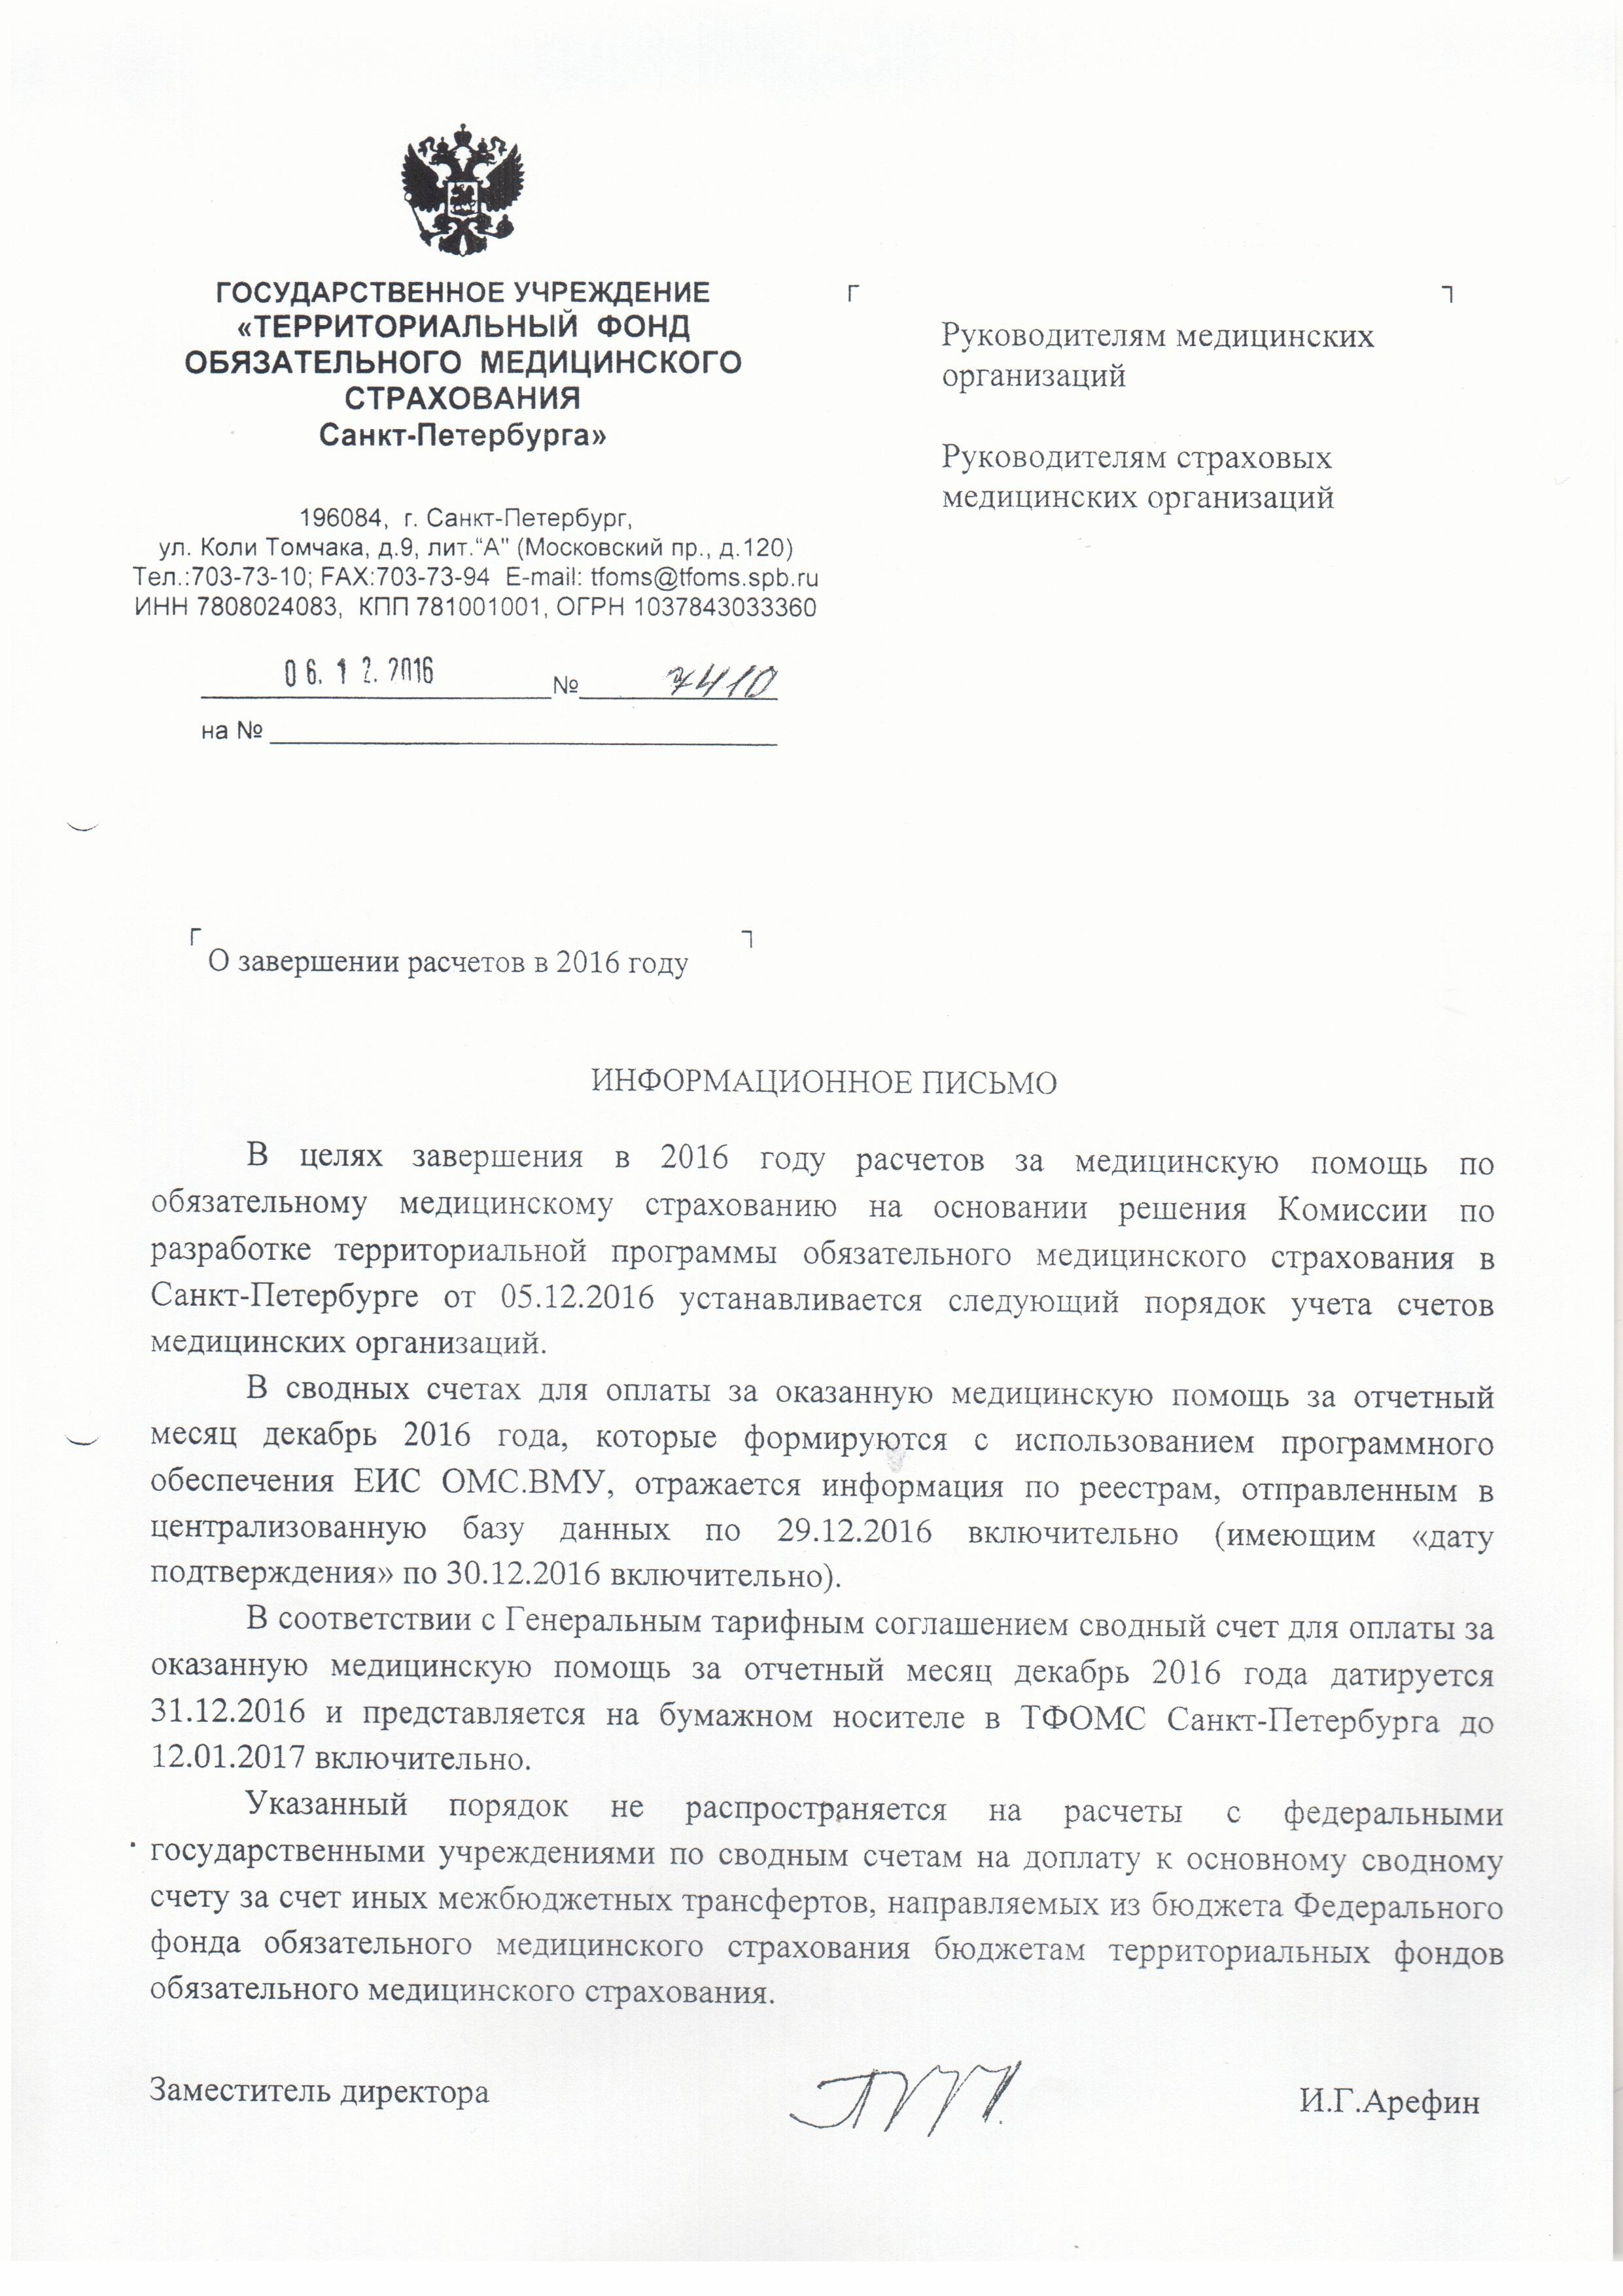 территориального фонда обязательного медицинского страхования 2016